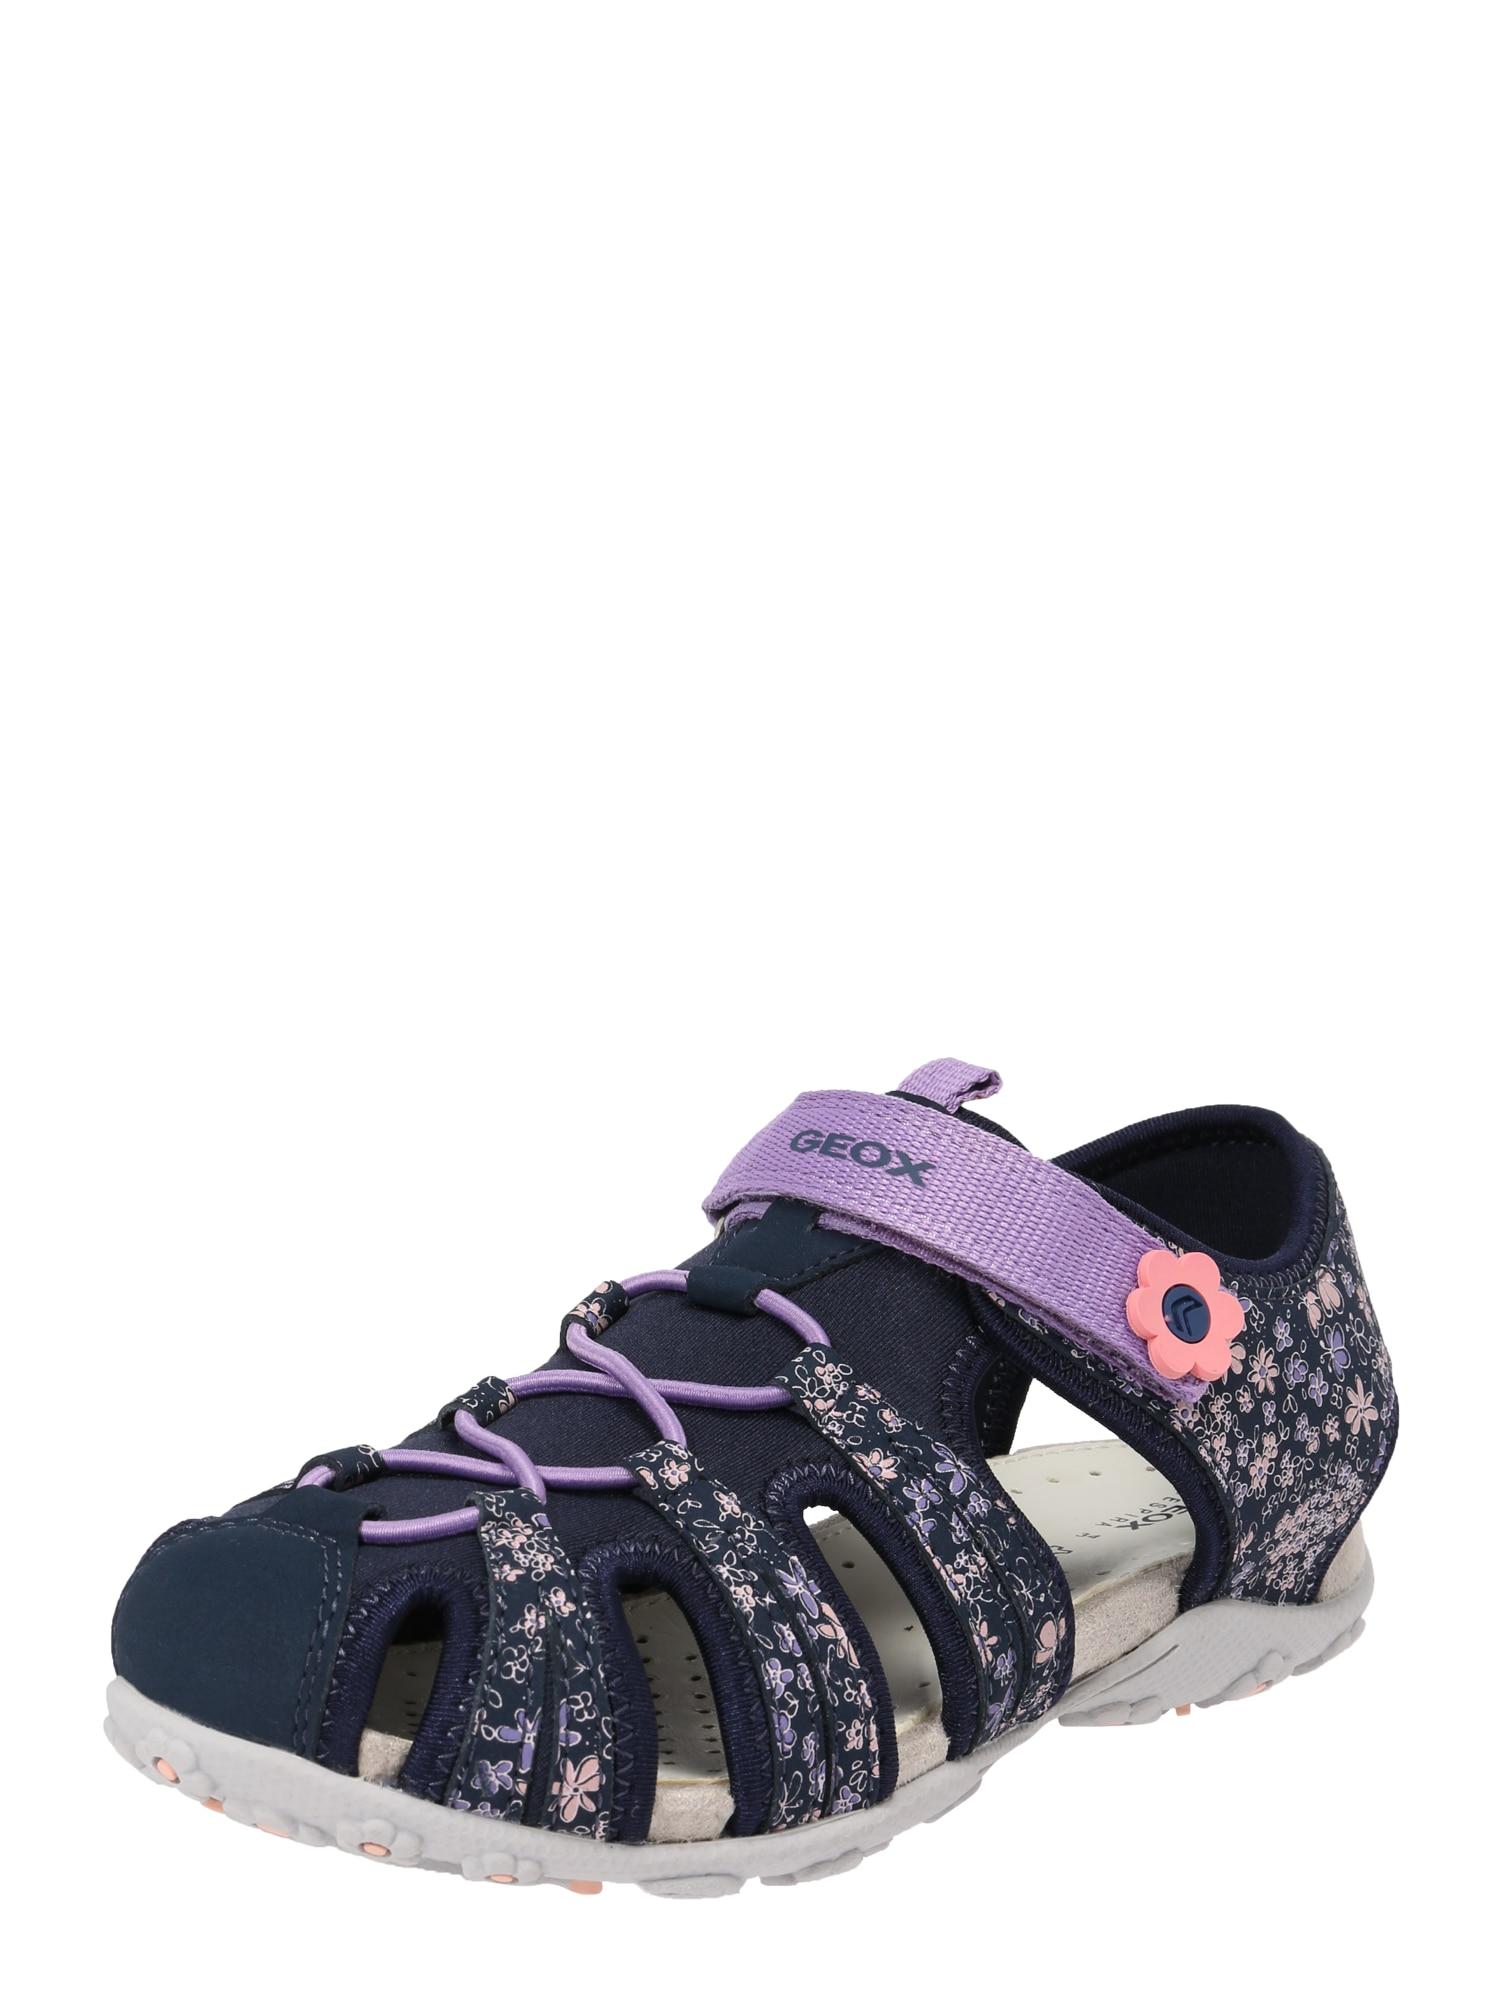 Sandály Roxanne námořnická modř fialová GEOX